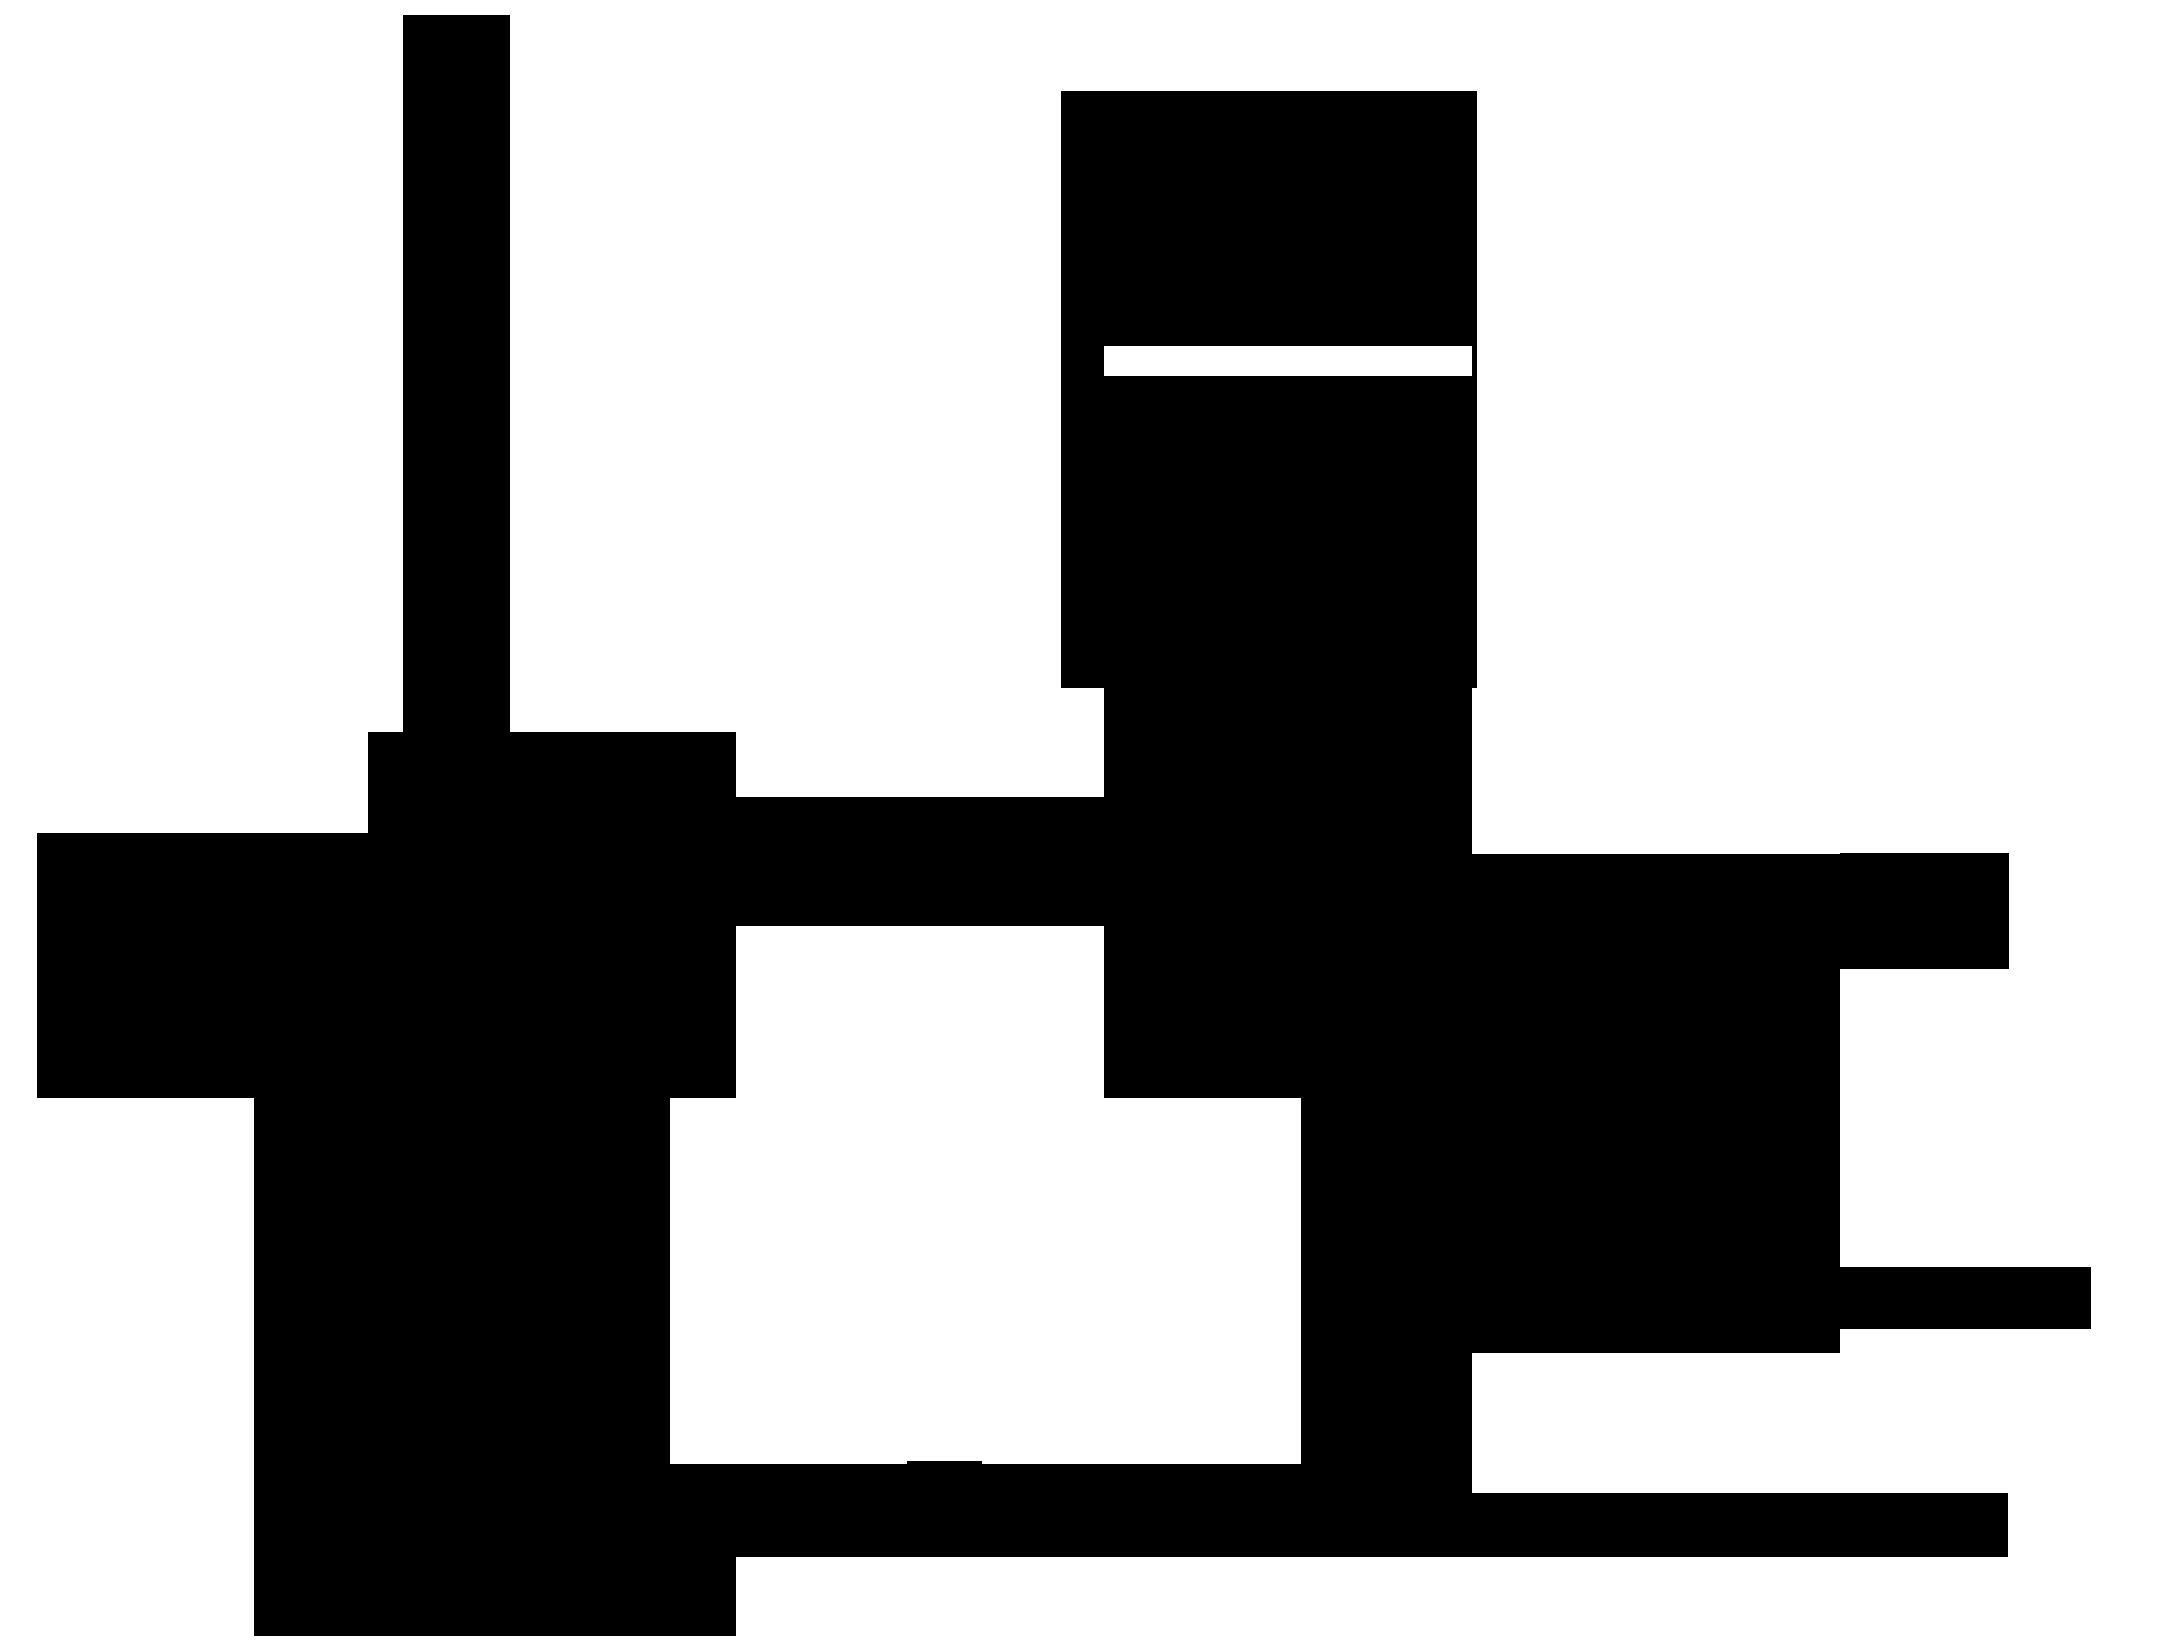 электрического котла для отопления дома фото